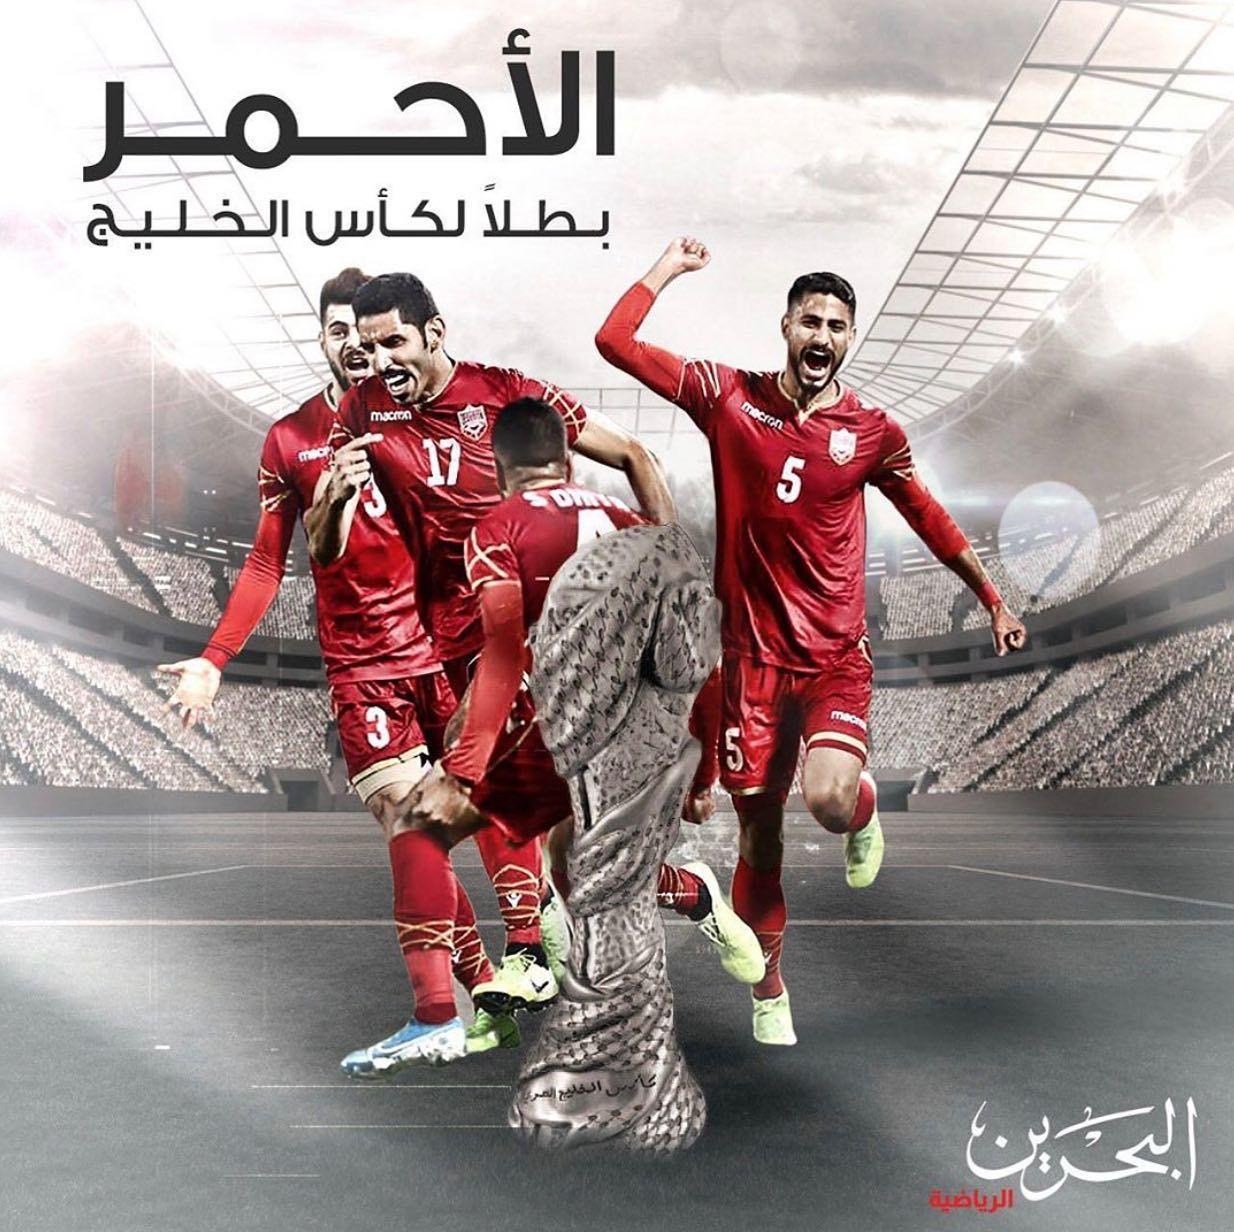 مبروك للبحرين وعسى هالفرحة دوم يا رب البحرين المنامة المحرق الرفاع المنتخب البحريني Event Divine